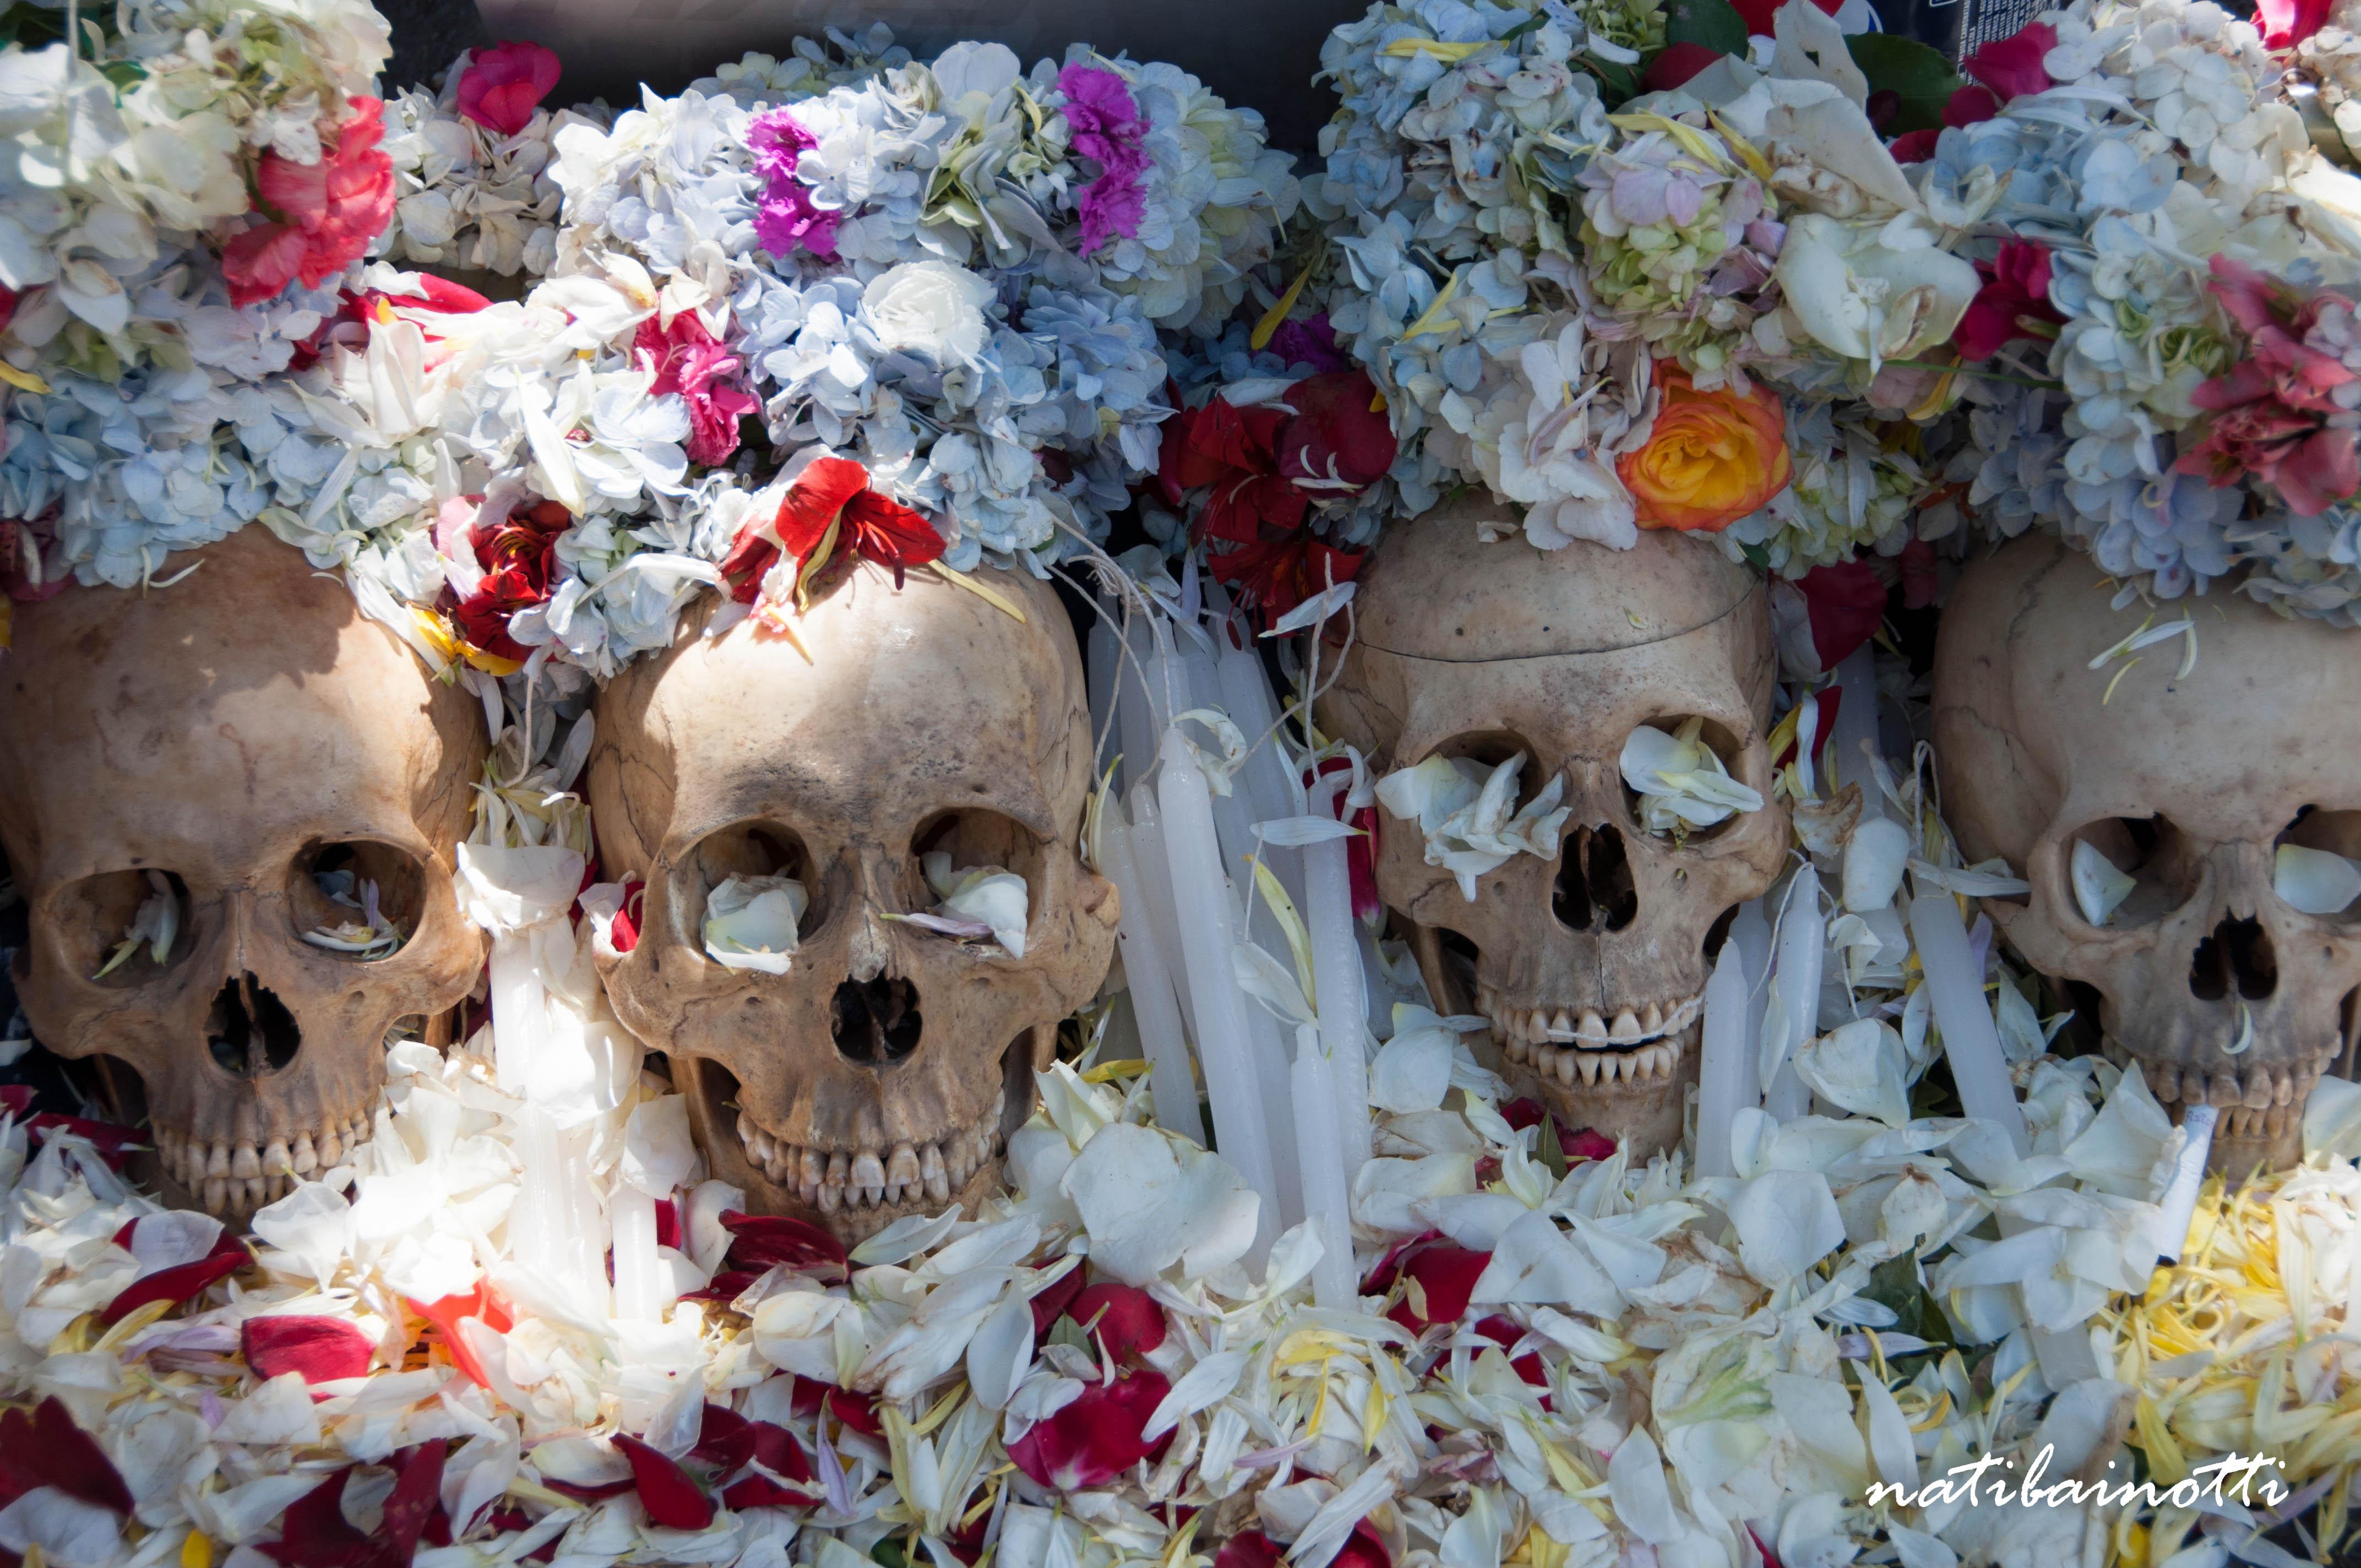 fiestas-cementerios-ñatitas-bolivia-nati-bainotti-13